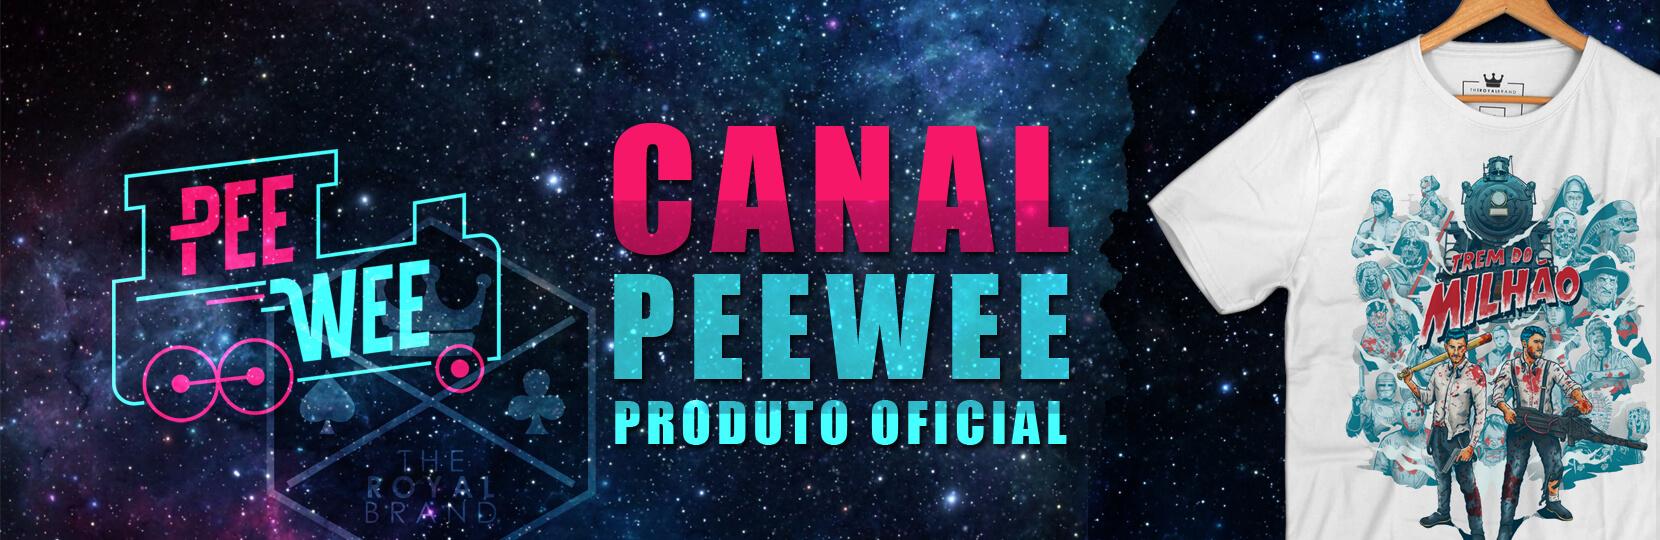 Canal PeeWee